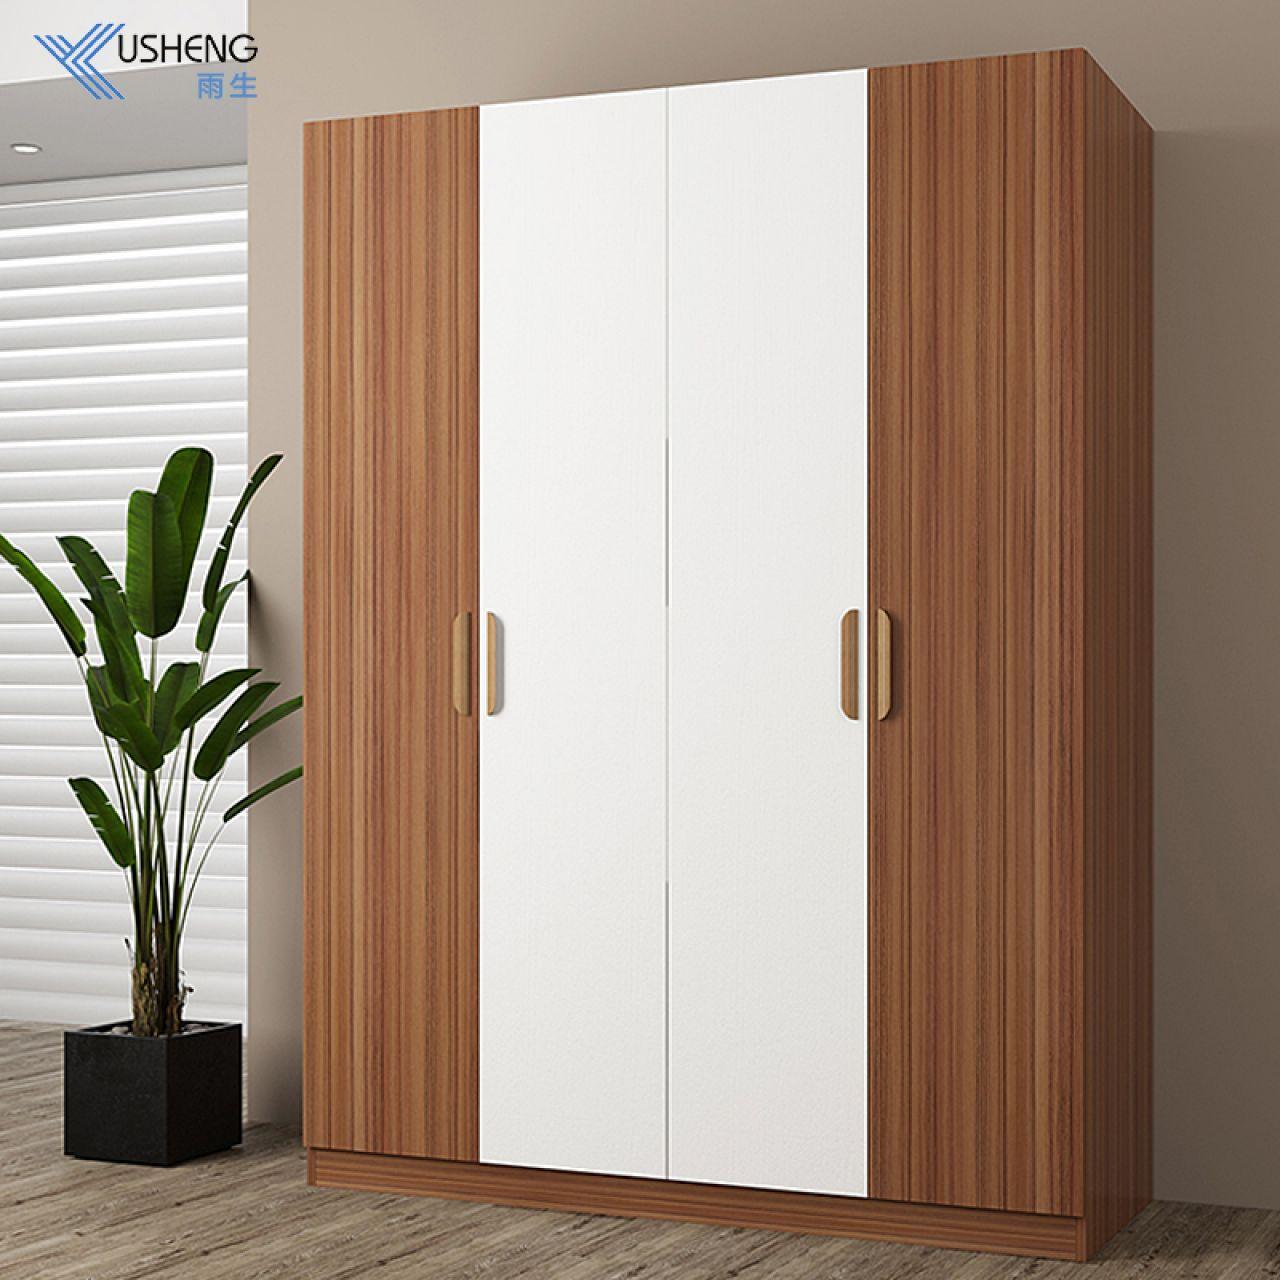 四门衣柜简约现代板式衣柜组装木质4门大衣柜经济型衣橱雨生家具 如图颜色 4门